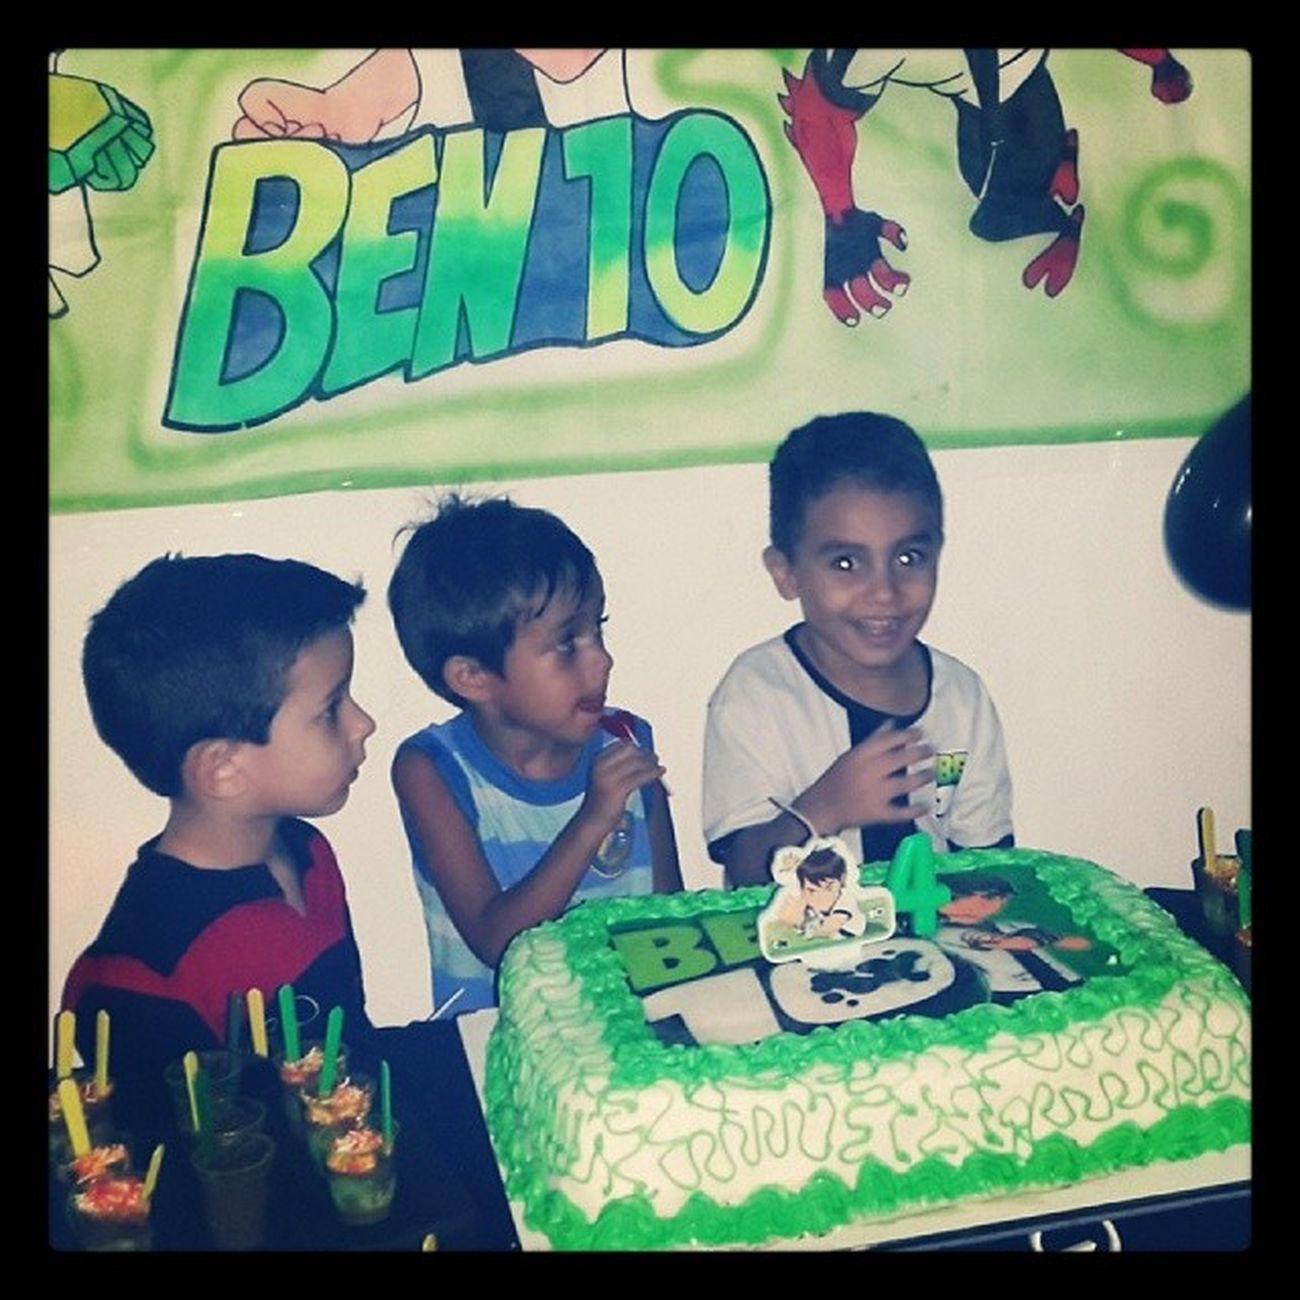 Arthur com seus amiguinhos na comemoração de seus 4 aninhos!